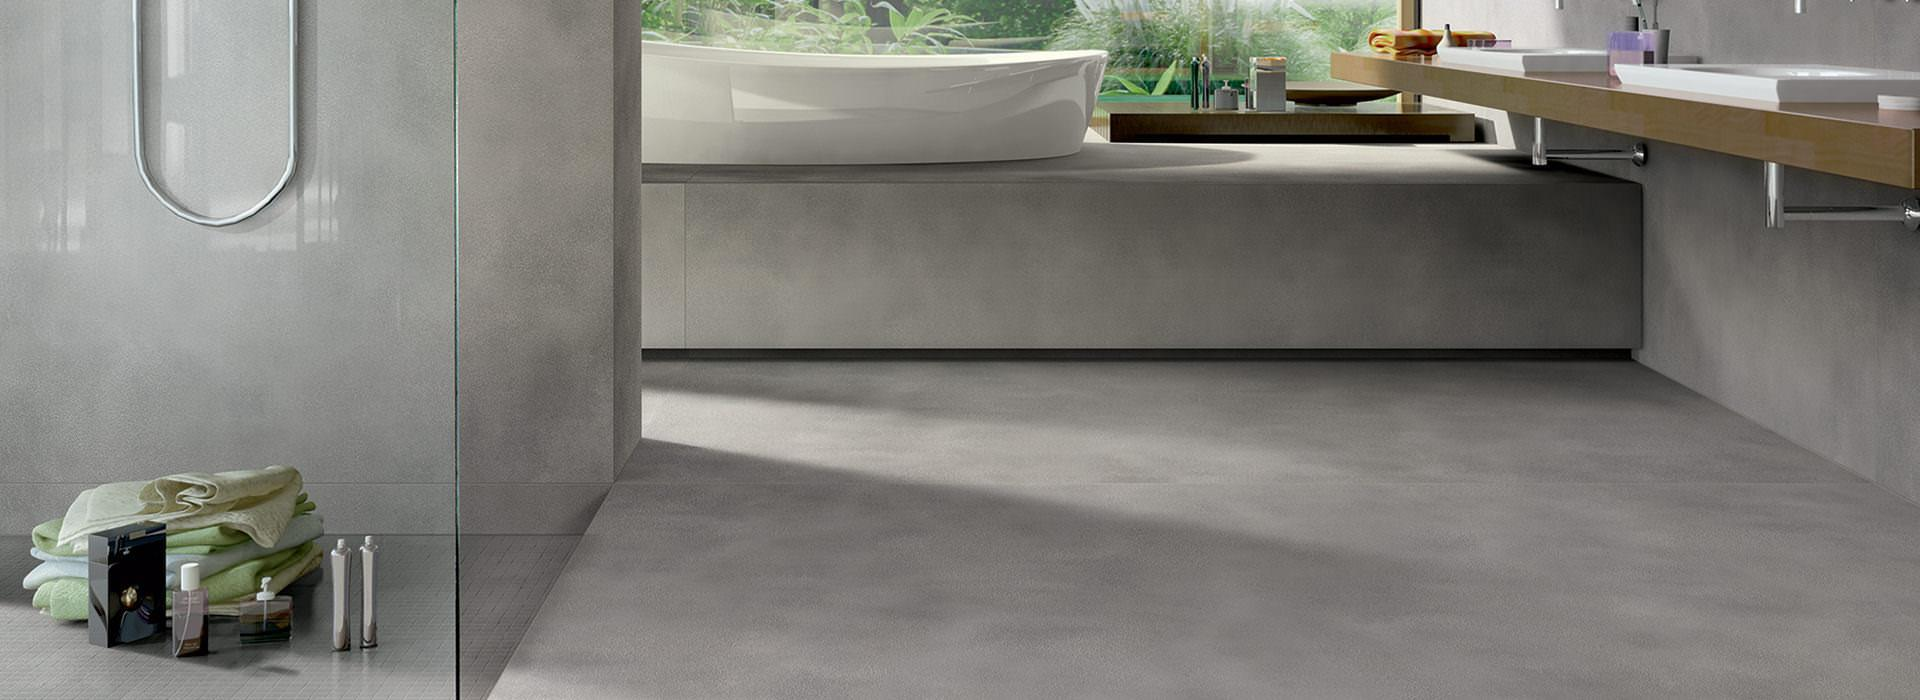 Roads de Maxfine: gres porcelánico de formato grande para ambientes internos y externos